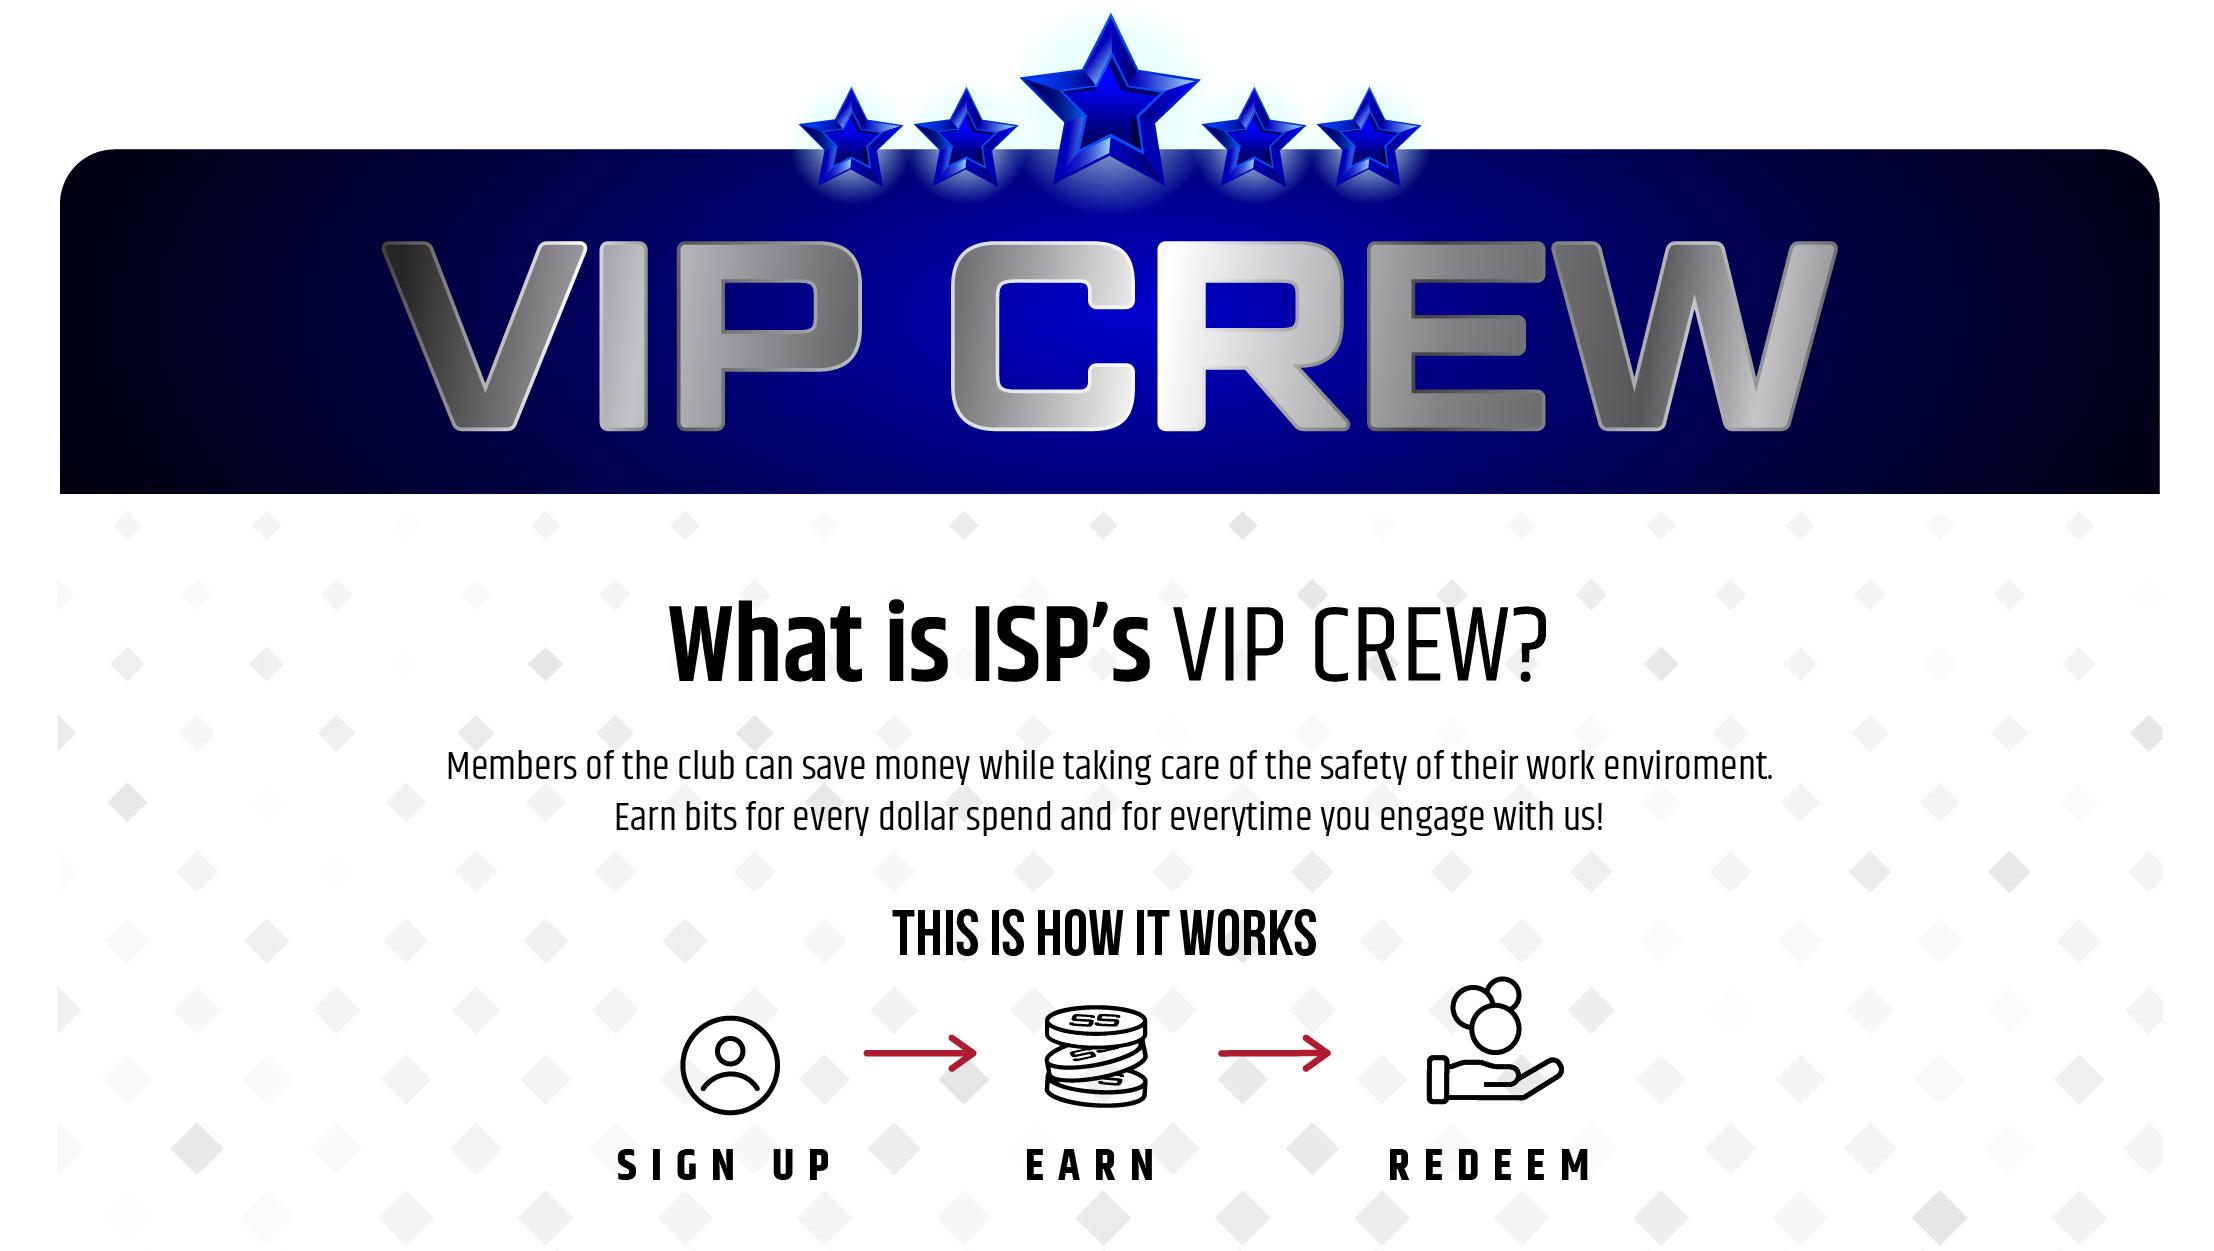 rewards-for-website2-04.jpg